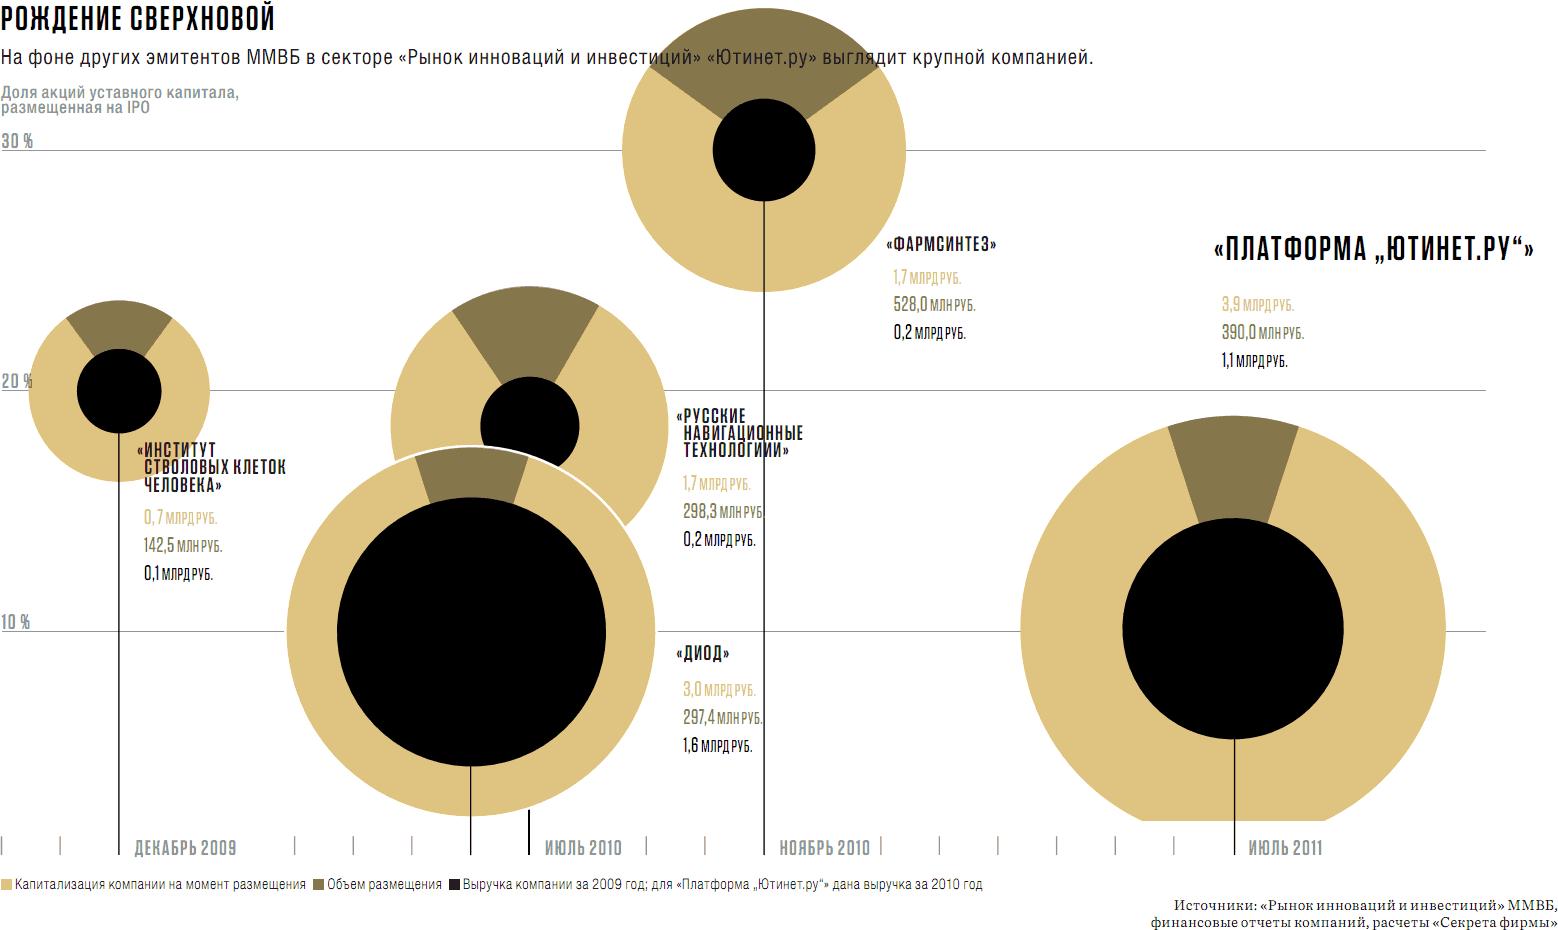 На фоне других эмитентов ММВБ в секторе «Рынок инноваций и инвестиций» Ютинет.ру выглядит крупной компанией. Доля акций уставного капитала, размещённая на IPO.